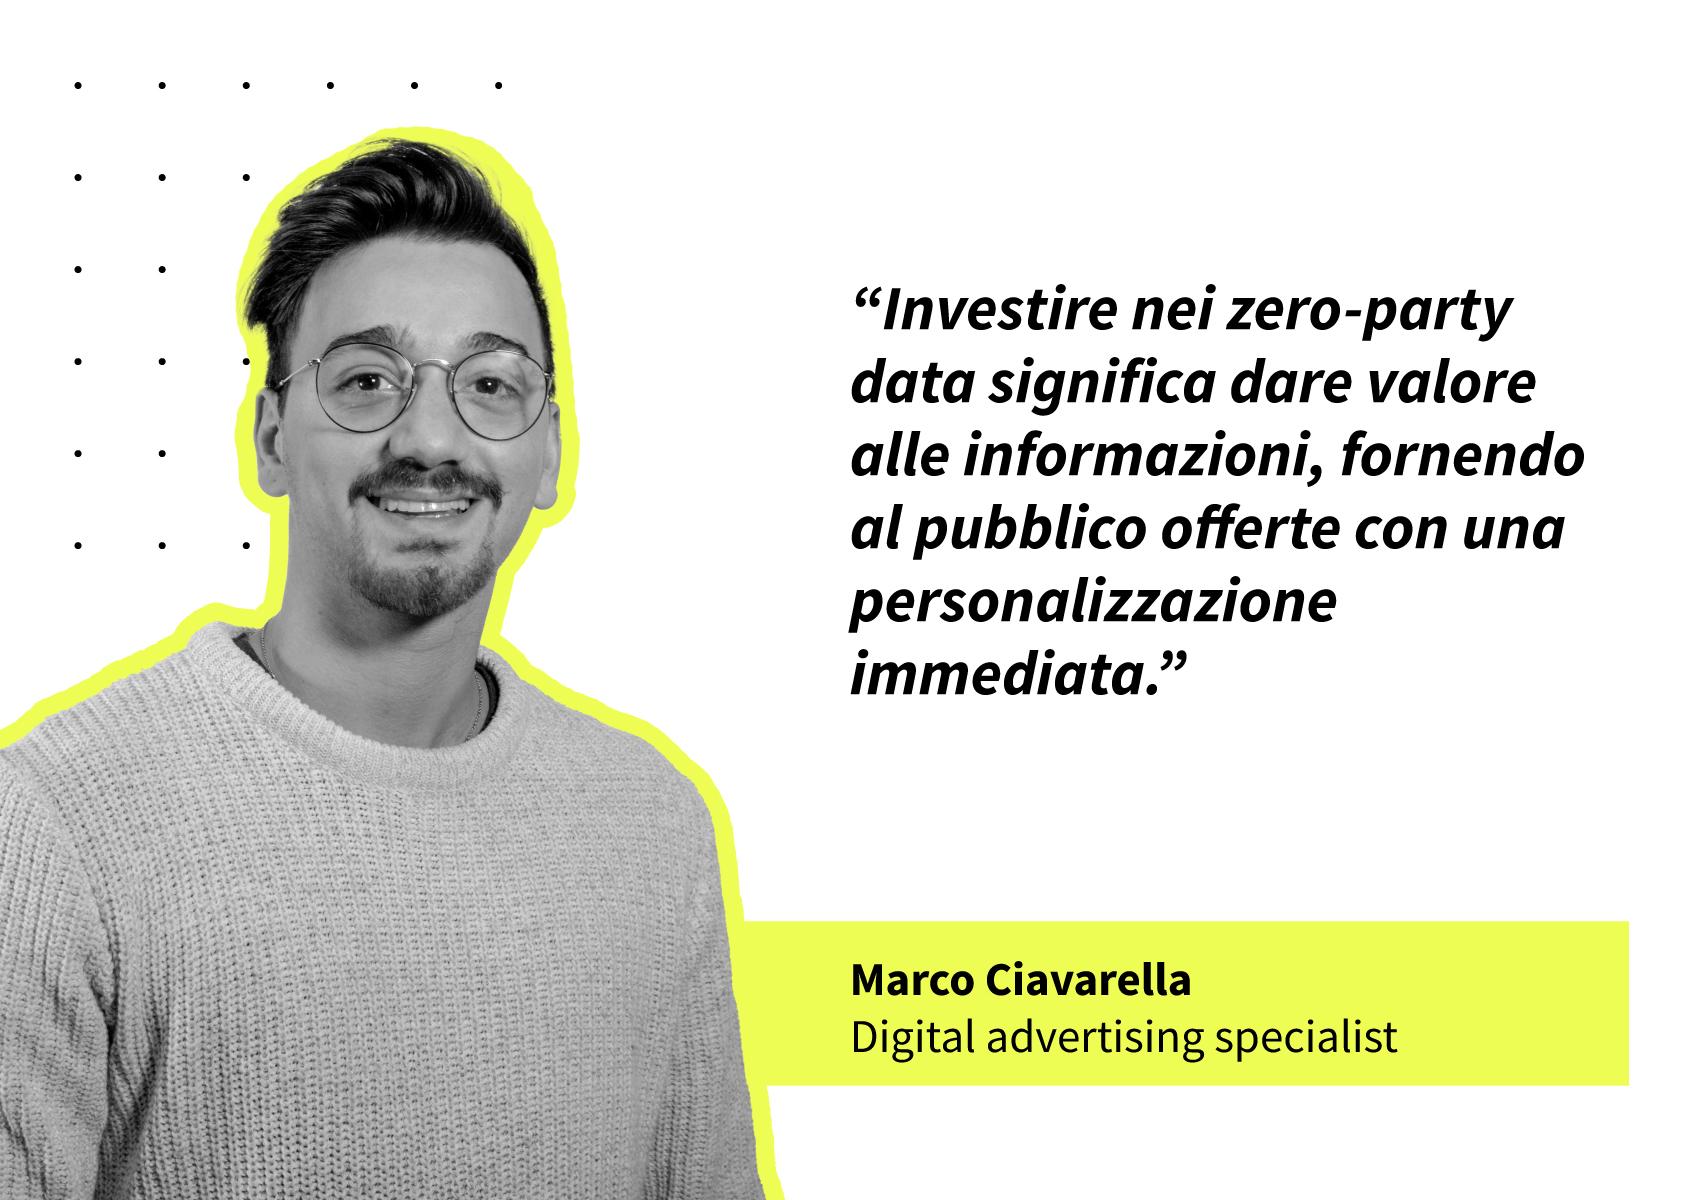 Zero-party-data-quote-marco